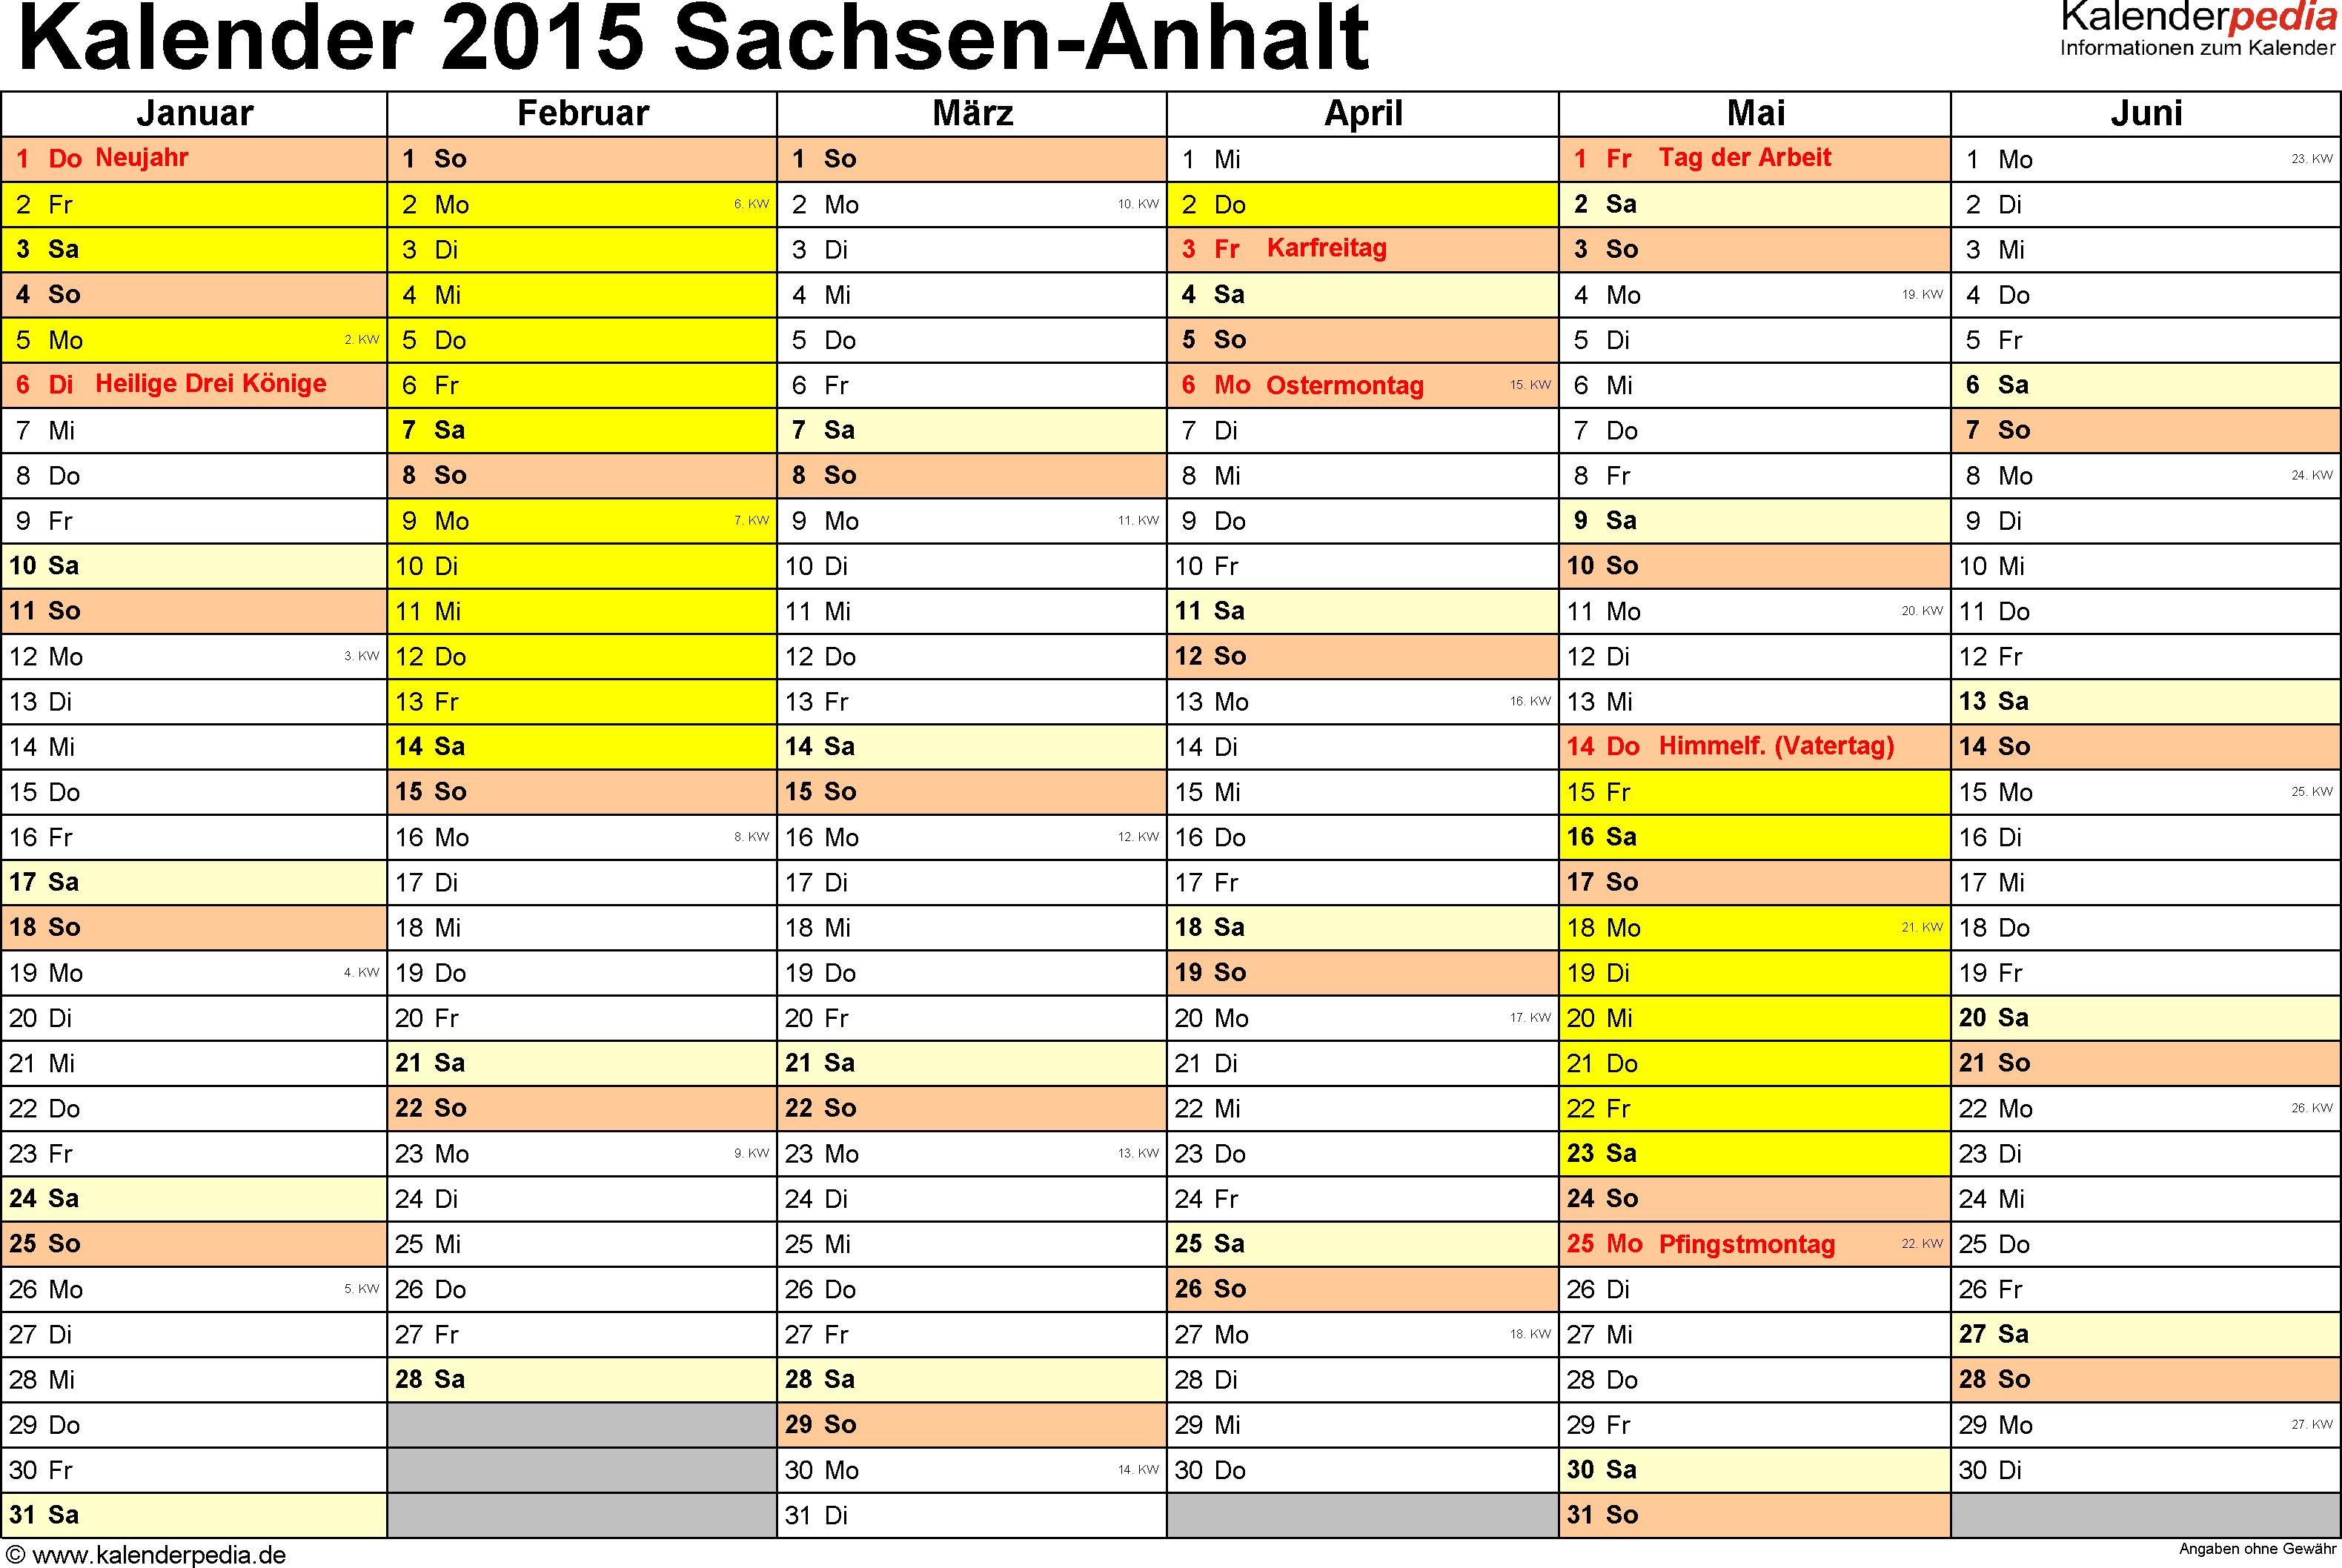 Vorlage 3: Kalender 2015 für Sachsen-Anhalt als Excel-Vorlagen (Querformat, 2 Seiten)